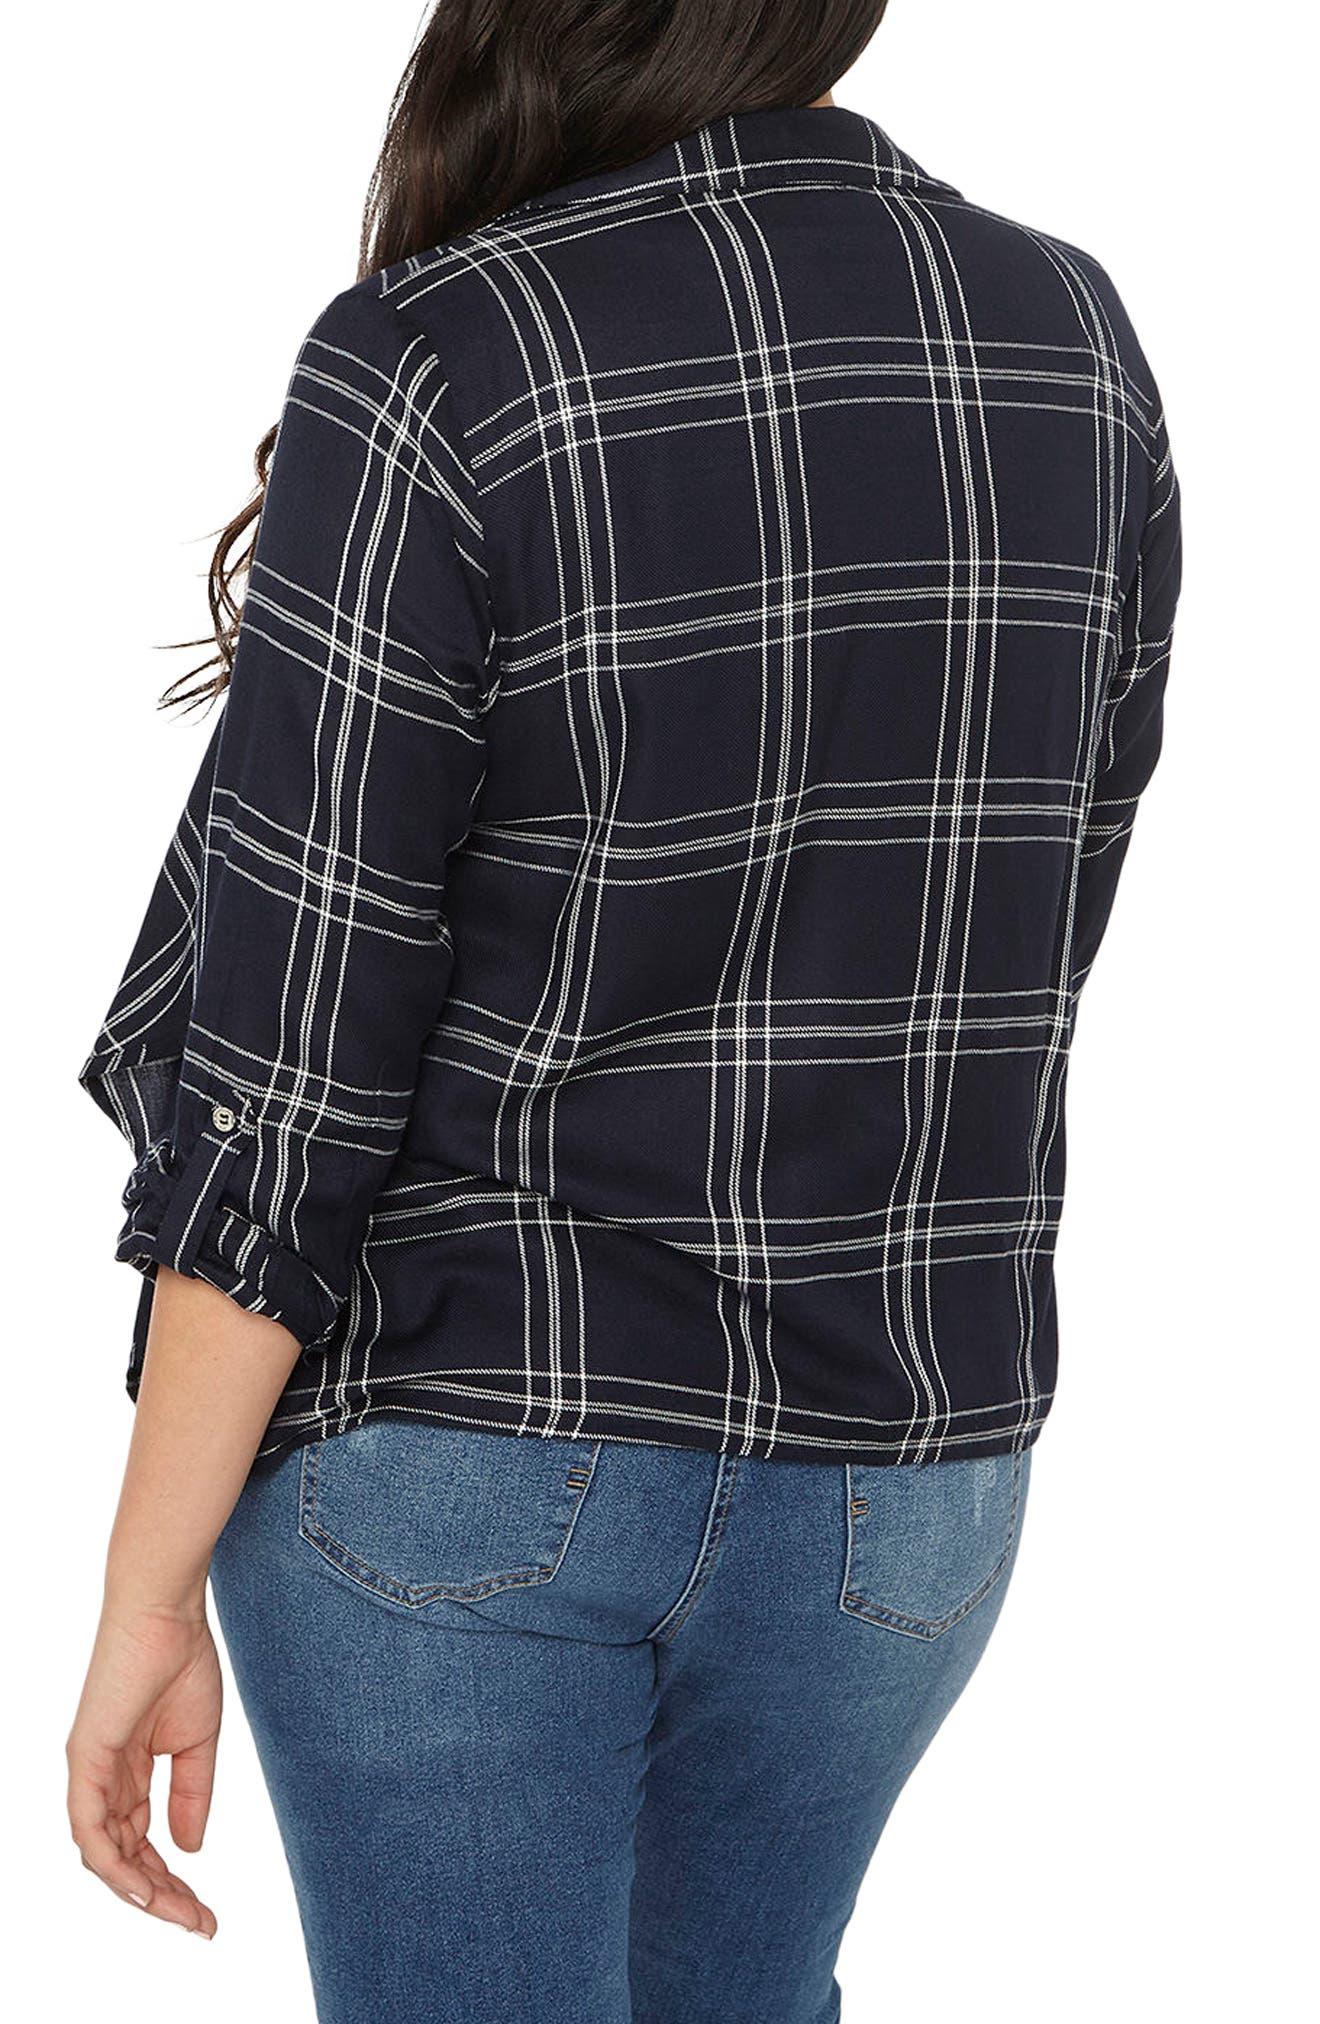 Alternate Image 3  - Evans Check Plaid Jacket (Plus Size)